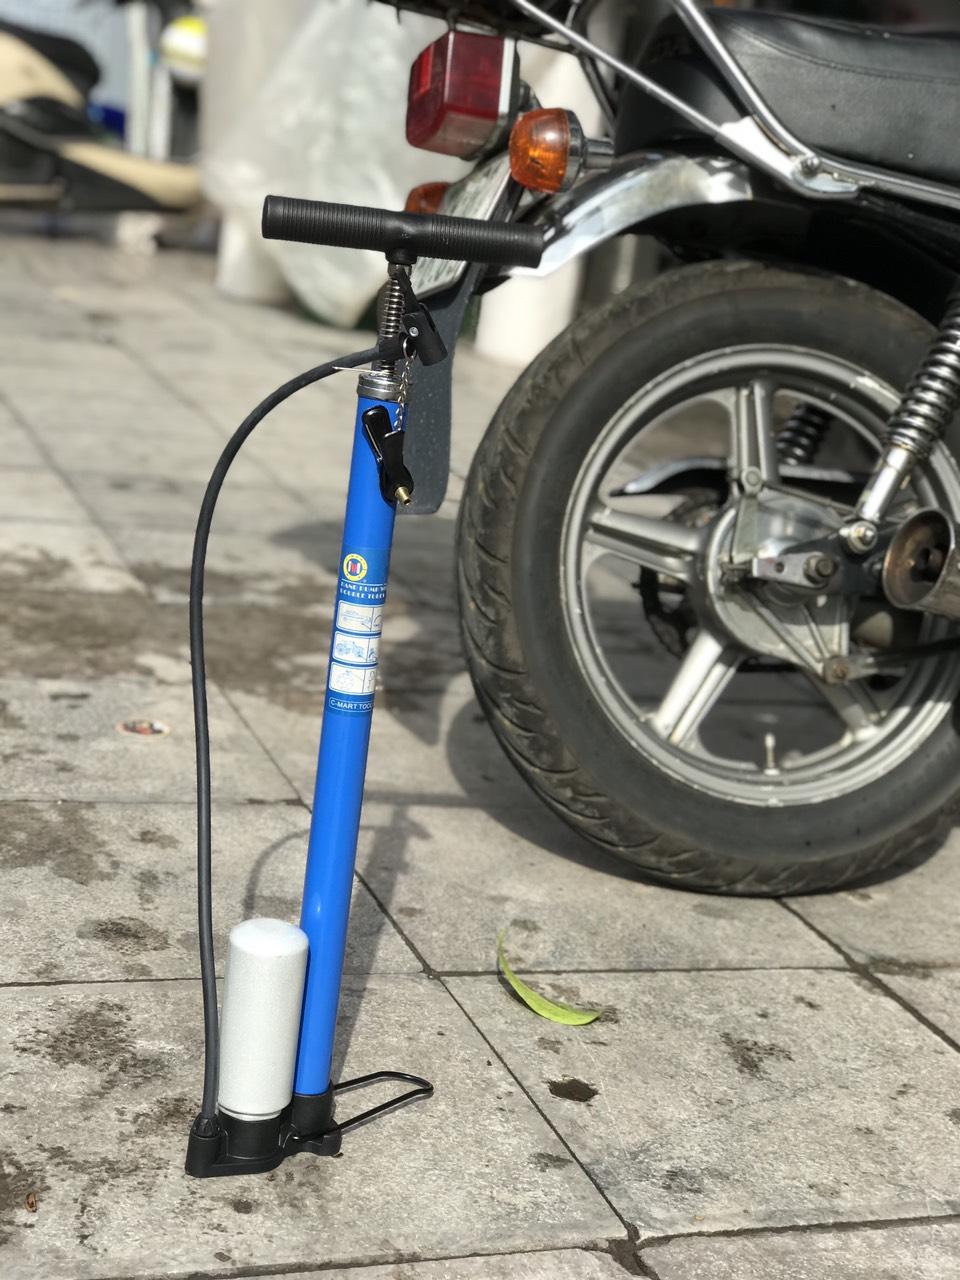 Bơm xe đạp xe máy chính hãng Cmart L0003